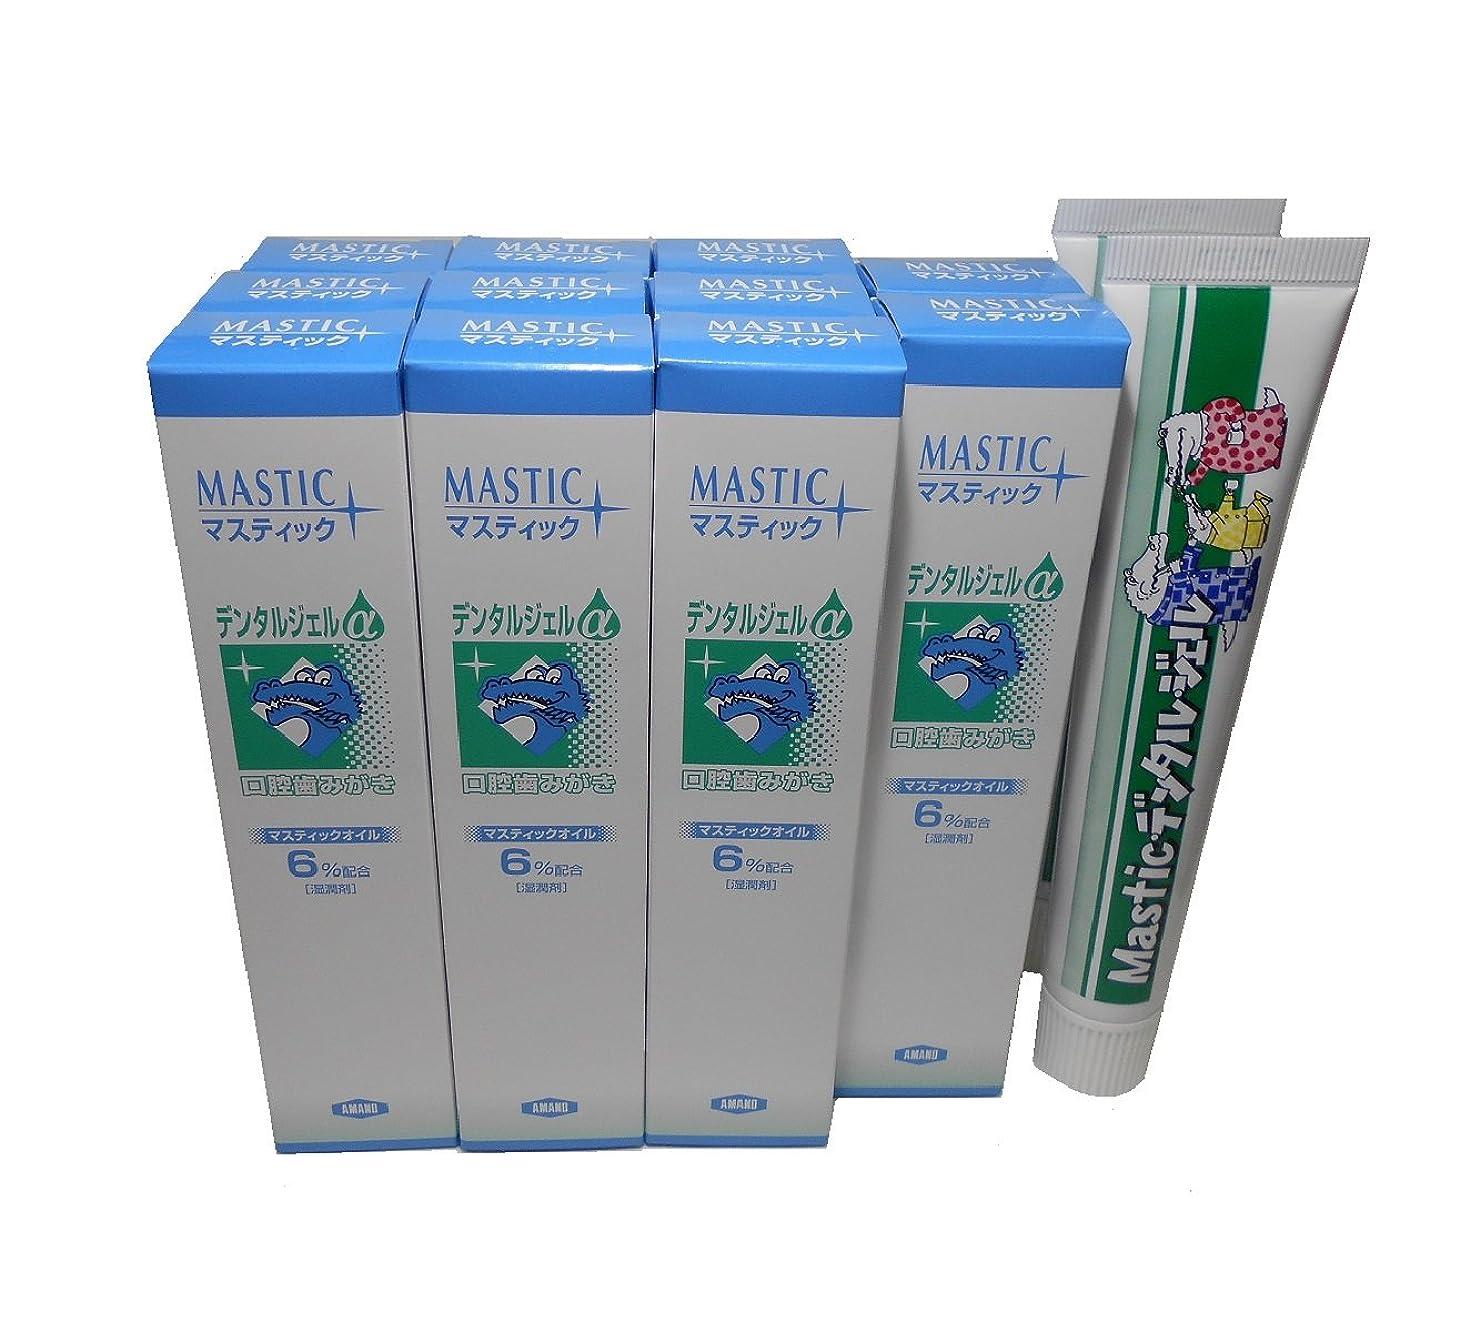 だますパキスタン人ランドリーMASTIC マスティックデンタルジェルα45g(6%配合)11個+MASTIC デンタルエッセンスジェルMSローヤルⅡ増量50g(10%配合)2個セット